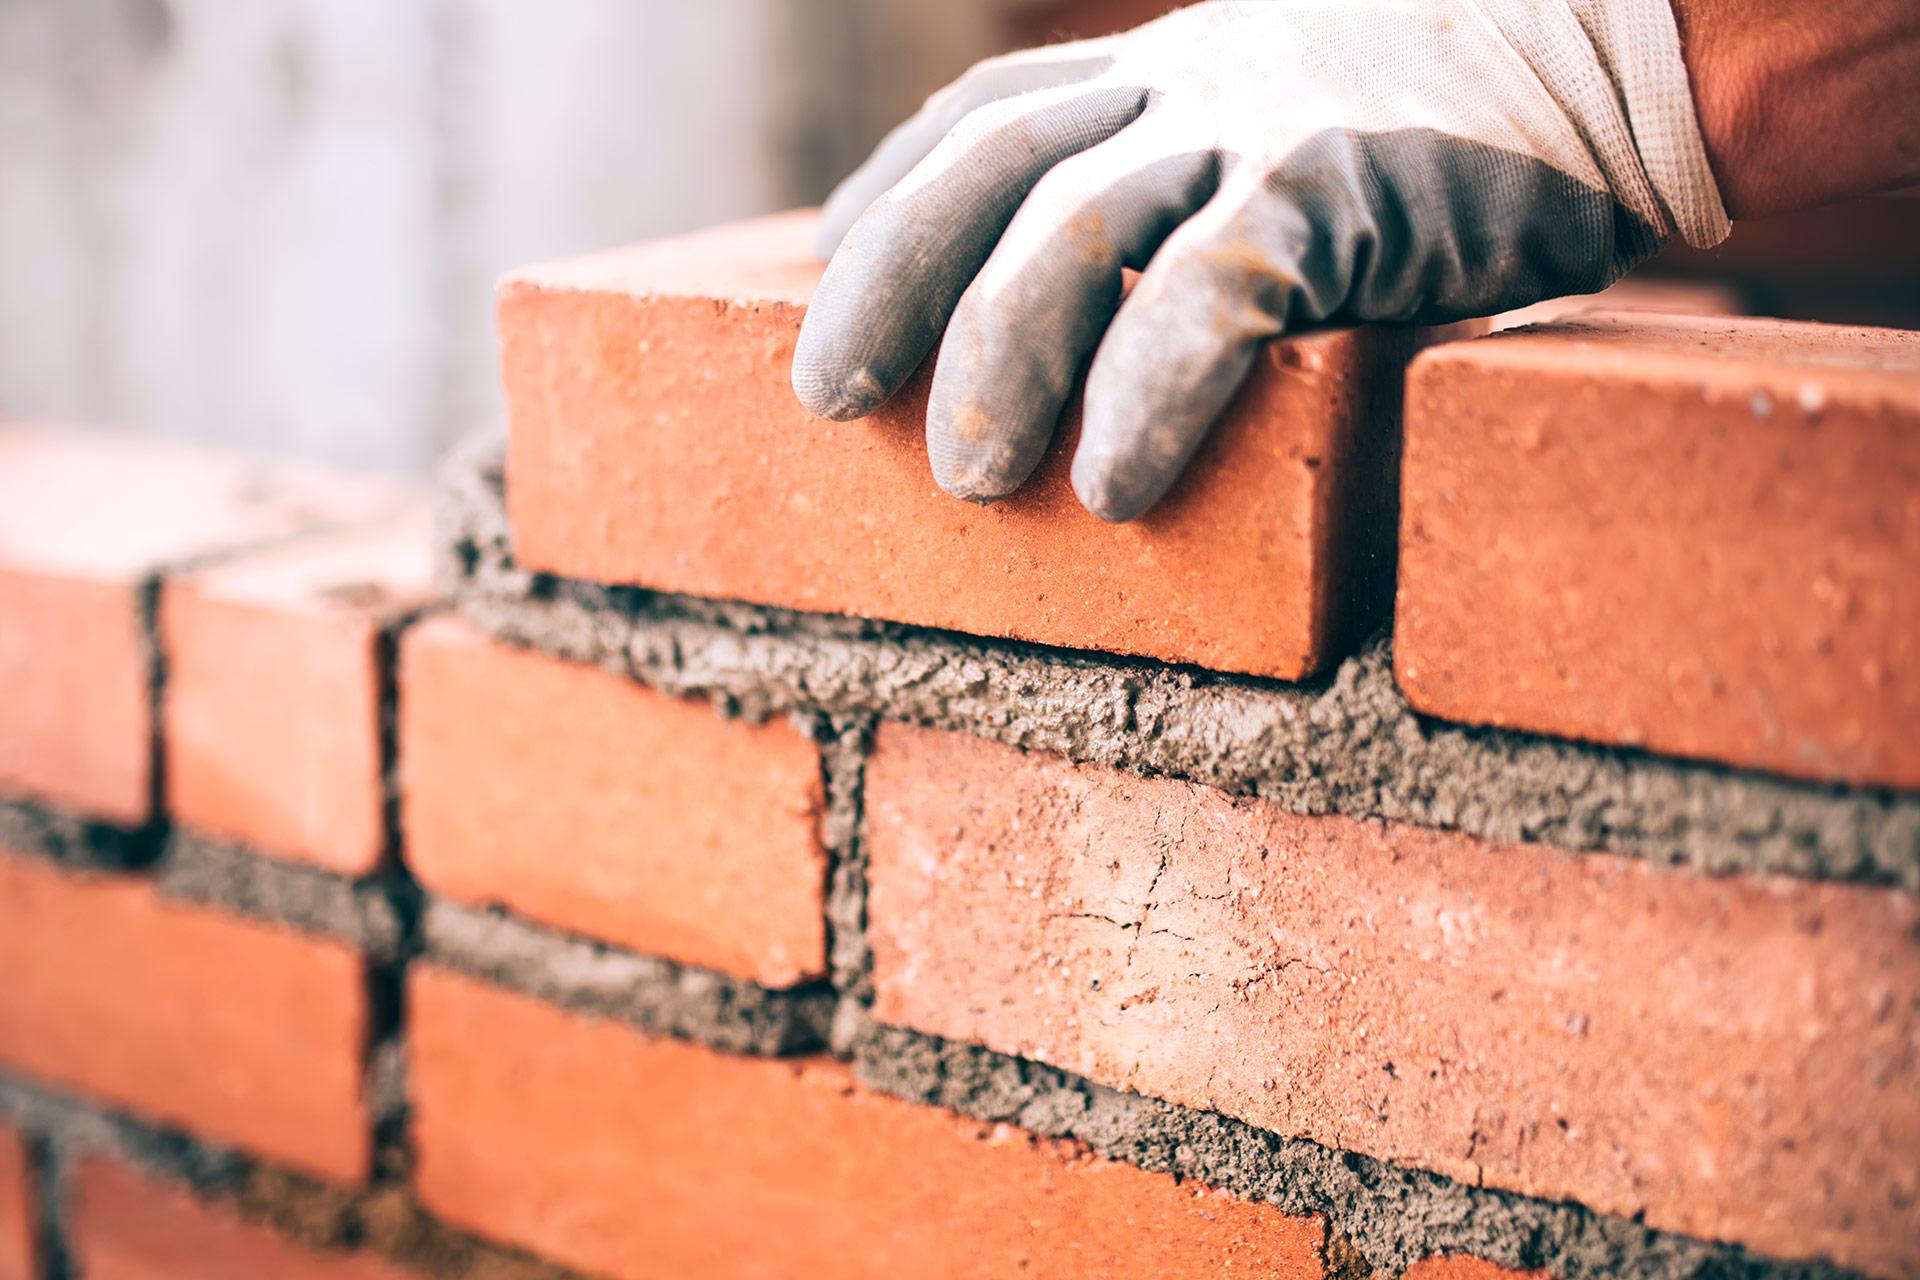 Bliv murer - uddannelseretning